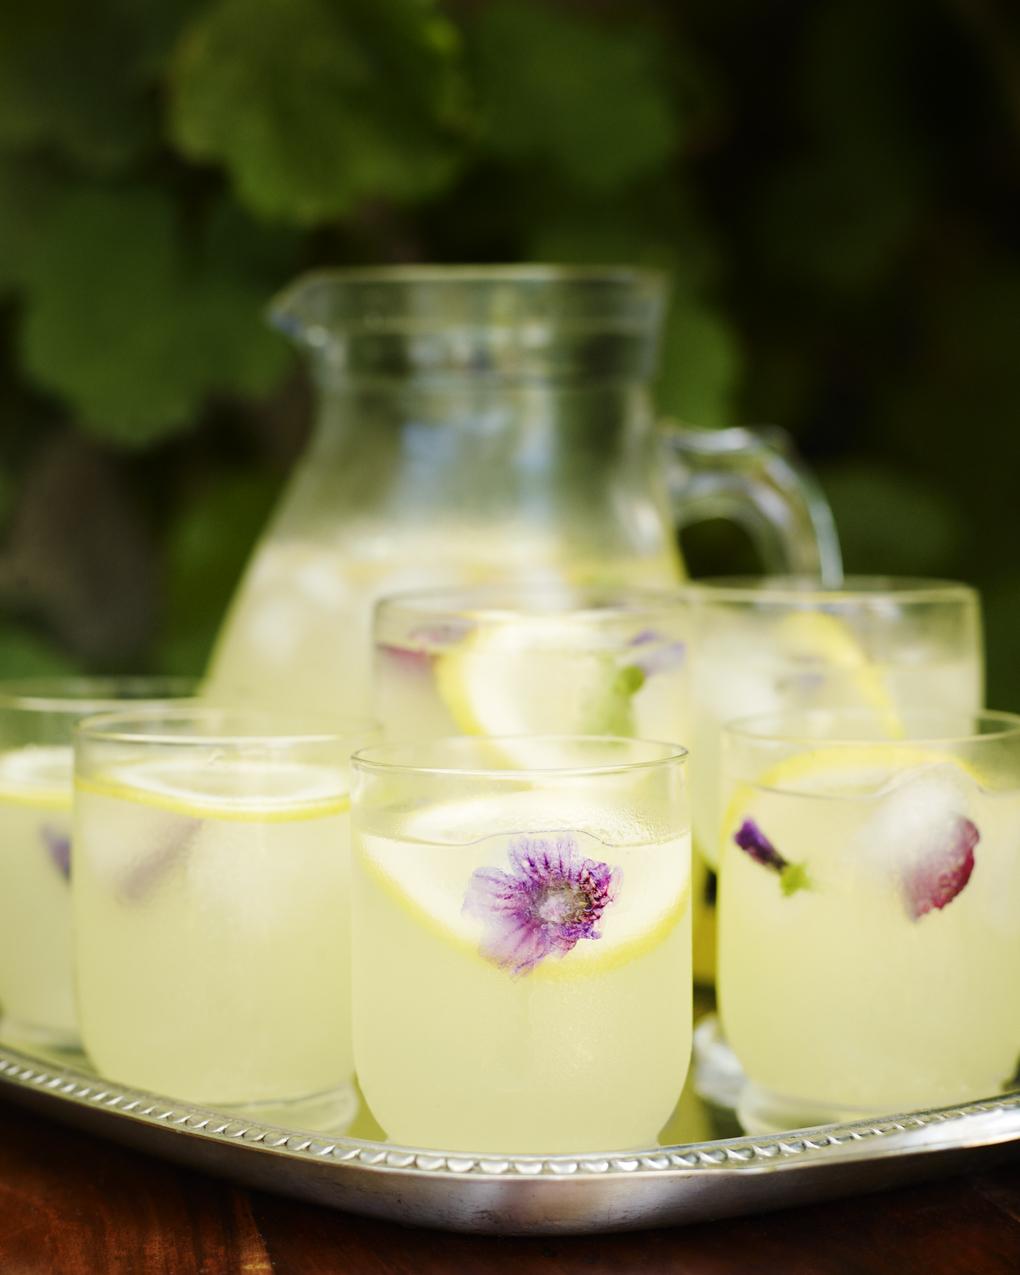 lemonade-CF027089